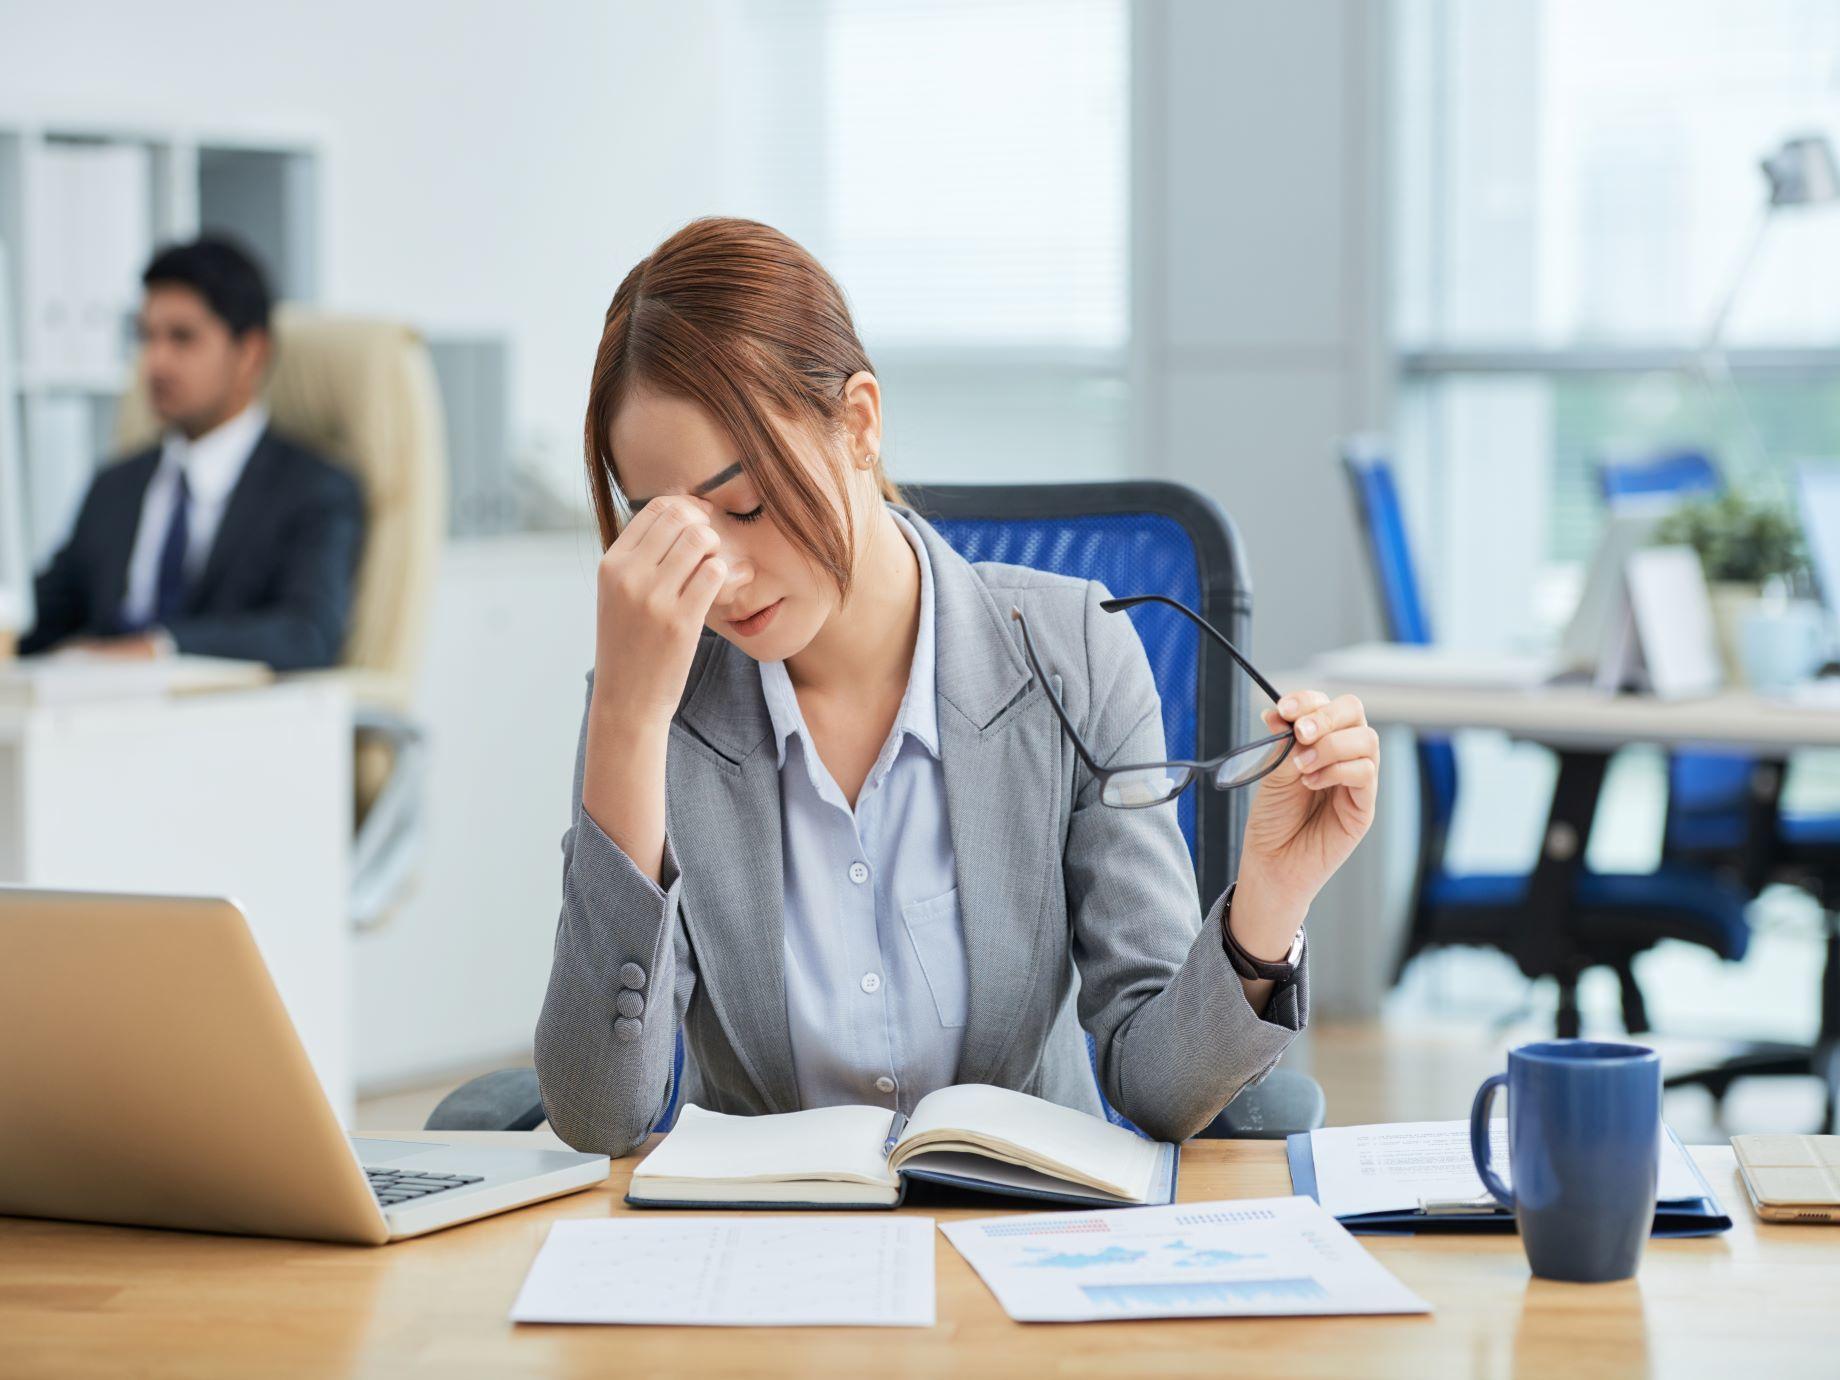 喝再多咖啡,還是無法提神?你可能得了「腎上腺疲勞症」 長期忽視,小心三高、子宮疾病找上門!